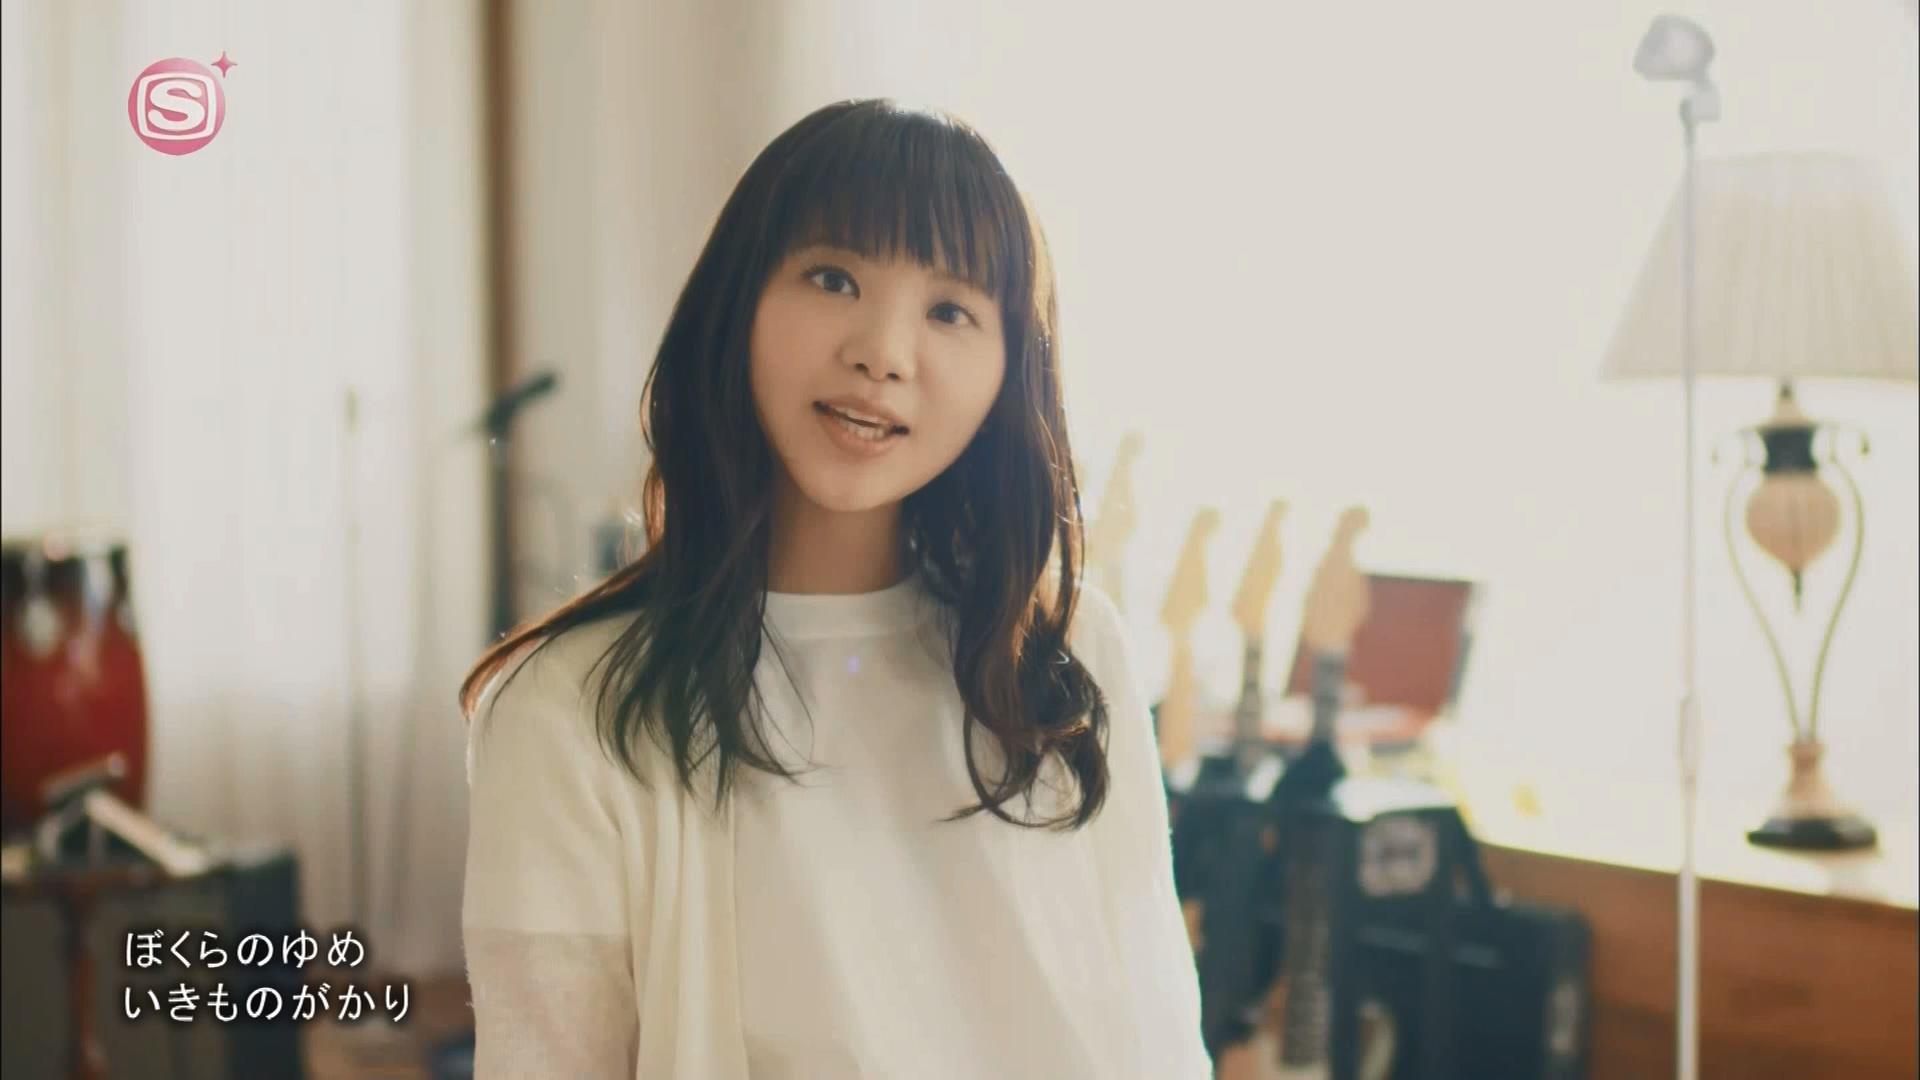 2016.03.16 いきものがかり - ぼくらのゆめ(SSTVPlus).ts_20160316_232554.087